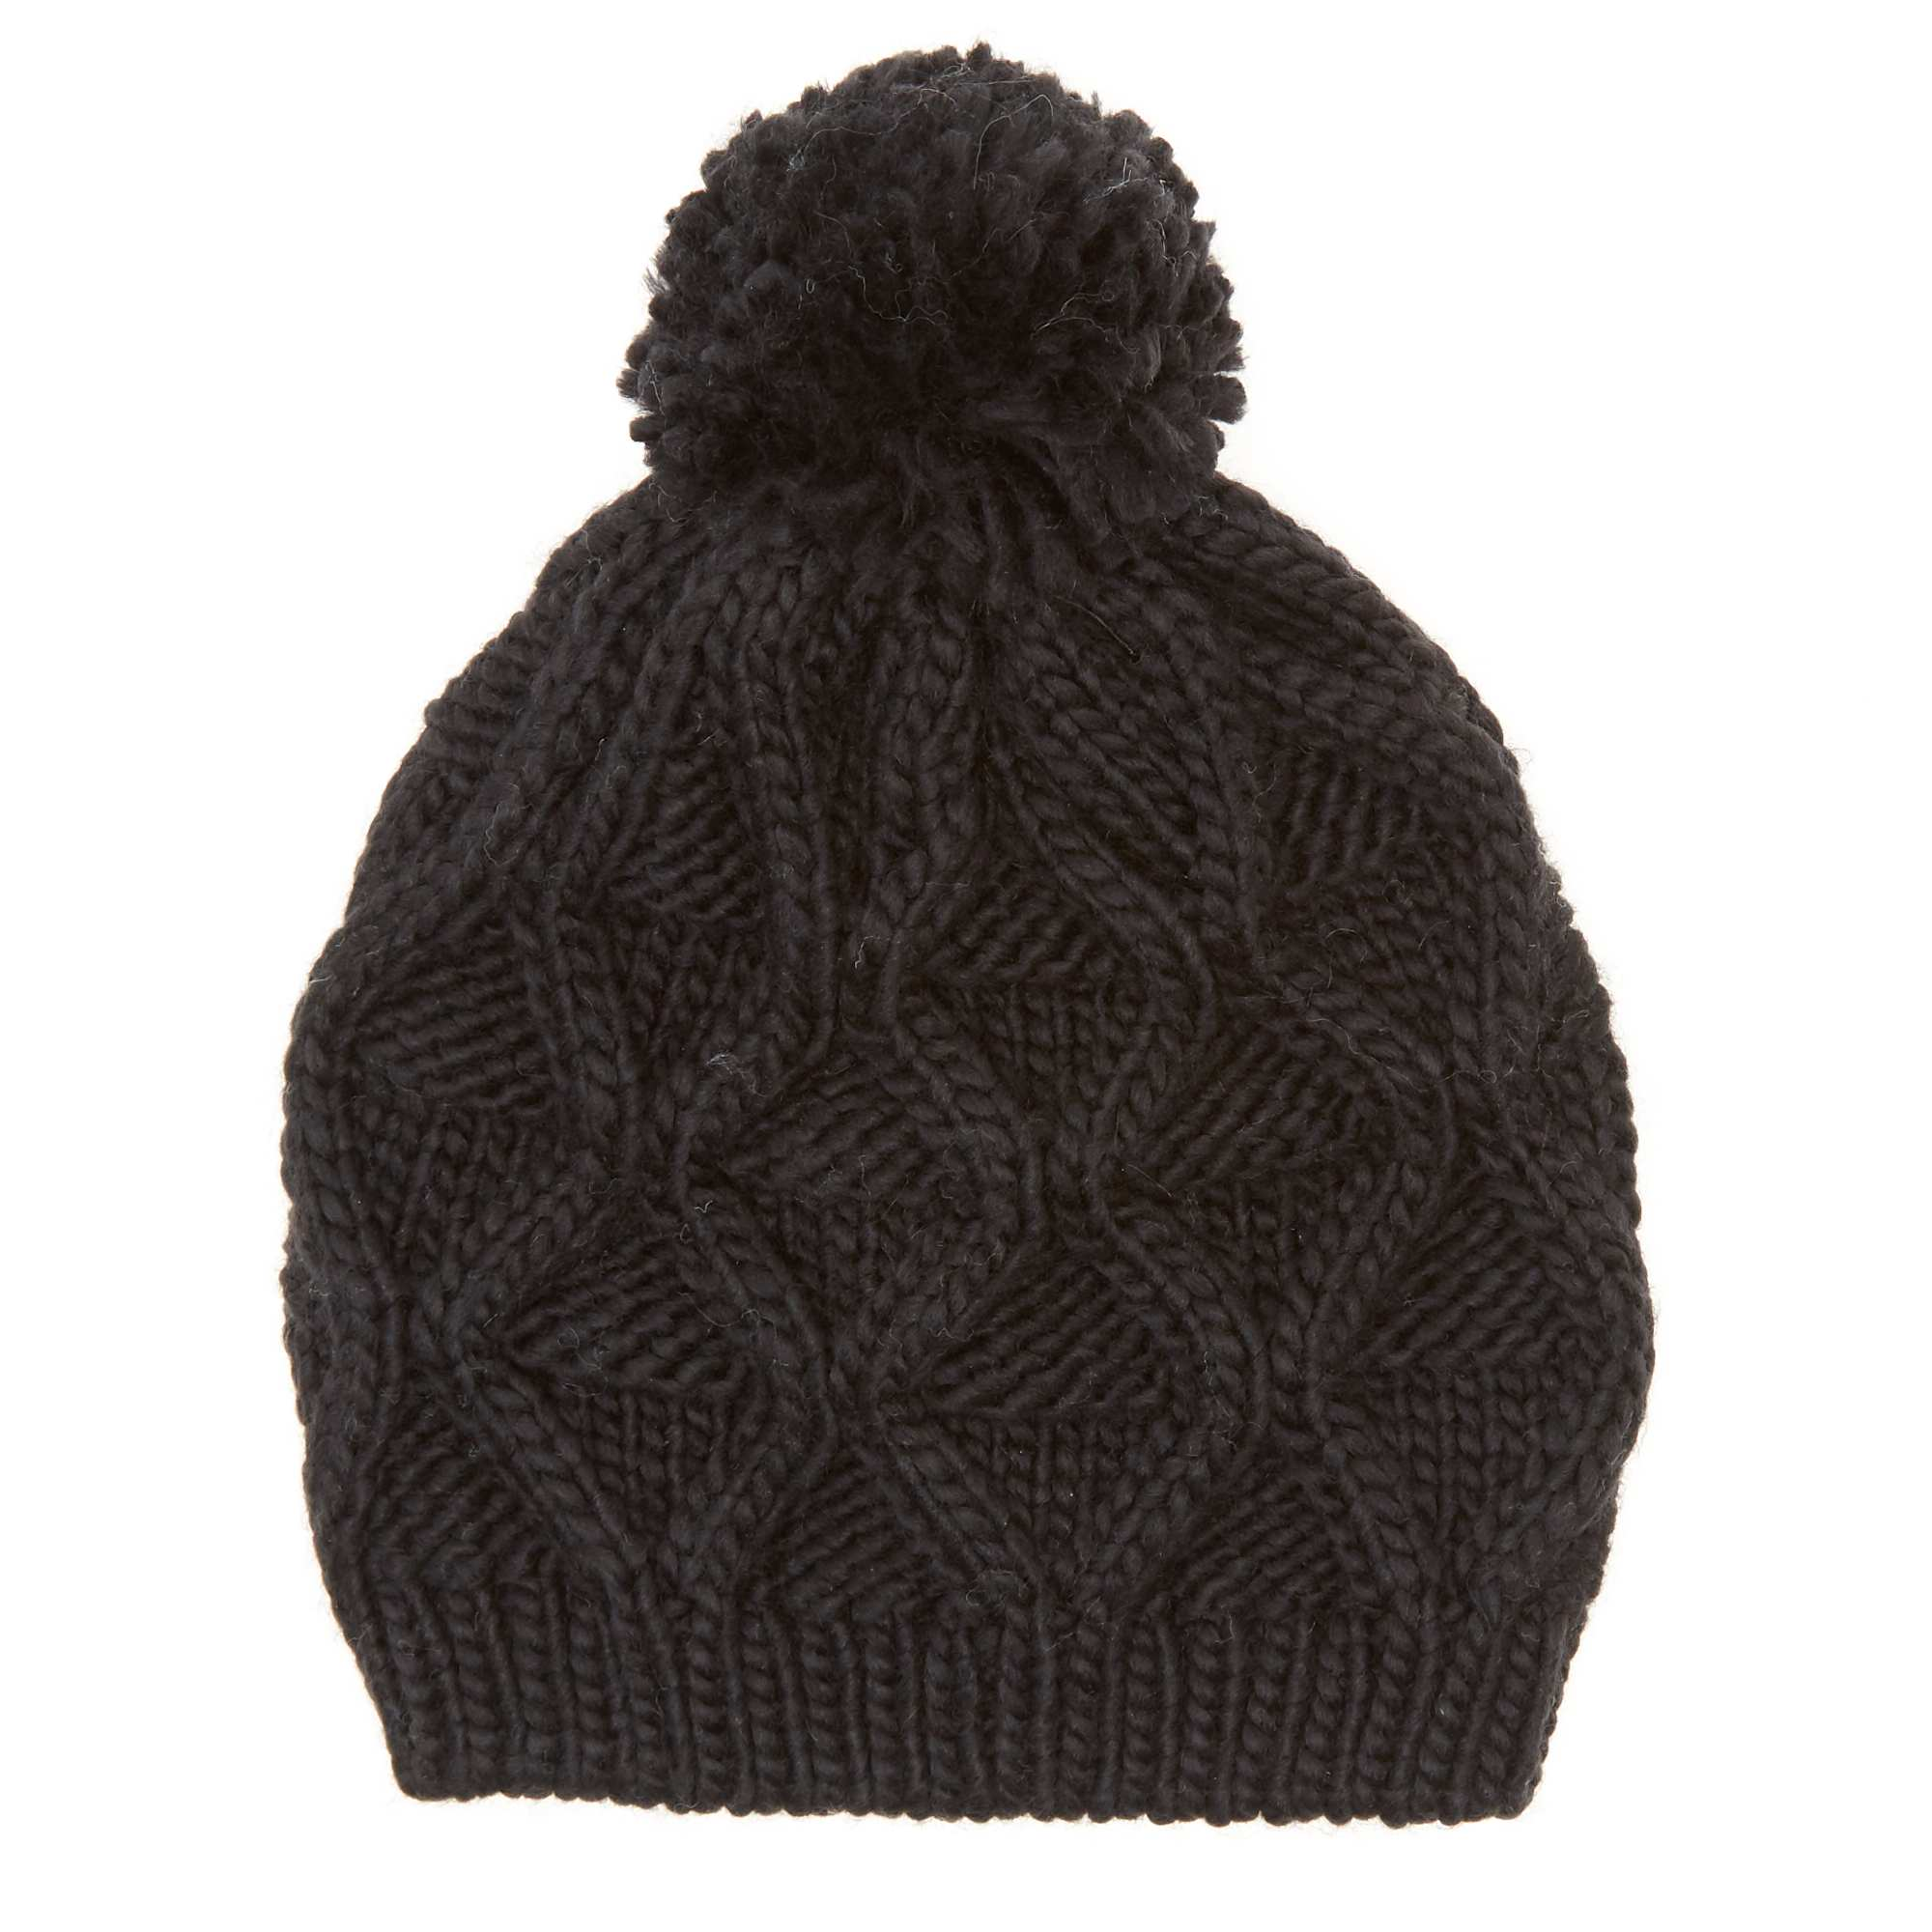 Bonnet à pompon noir Femme. Loading zoom